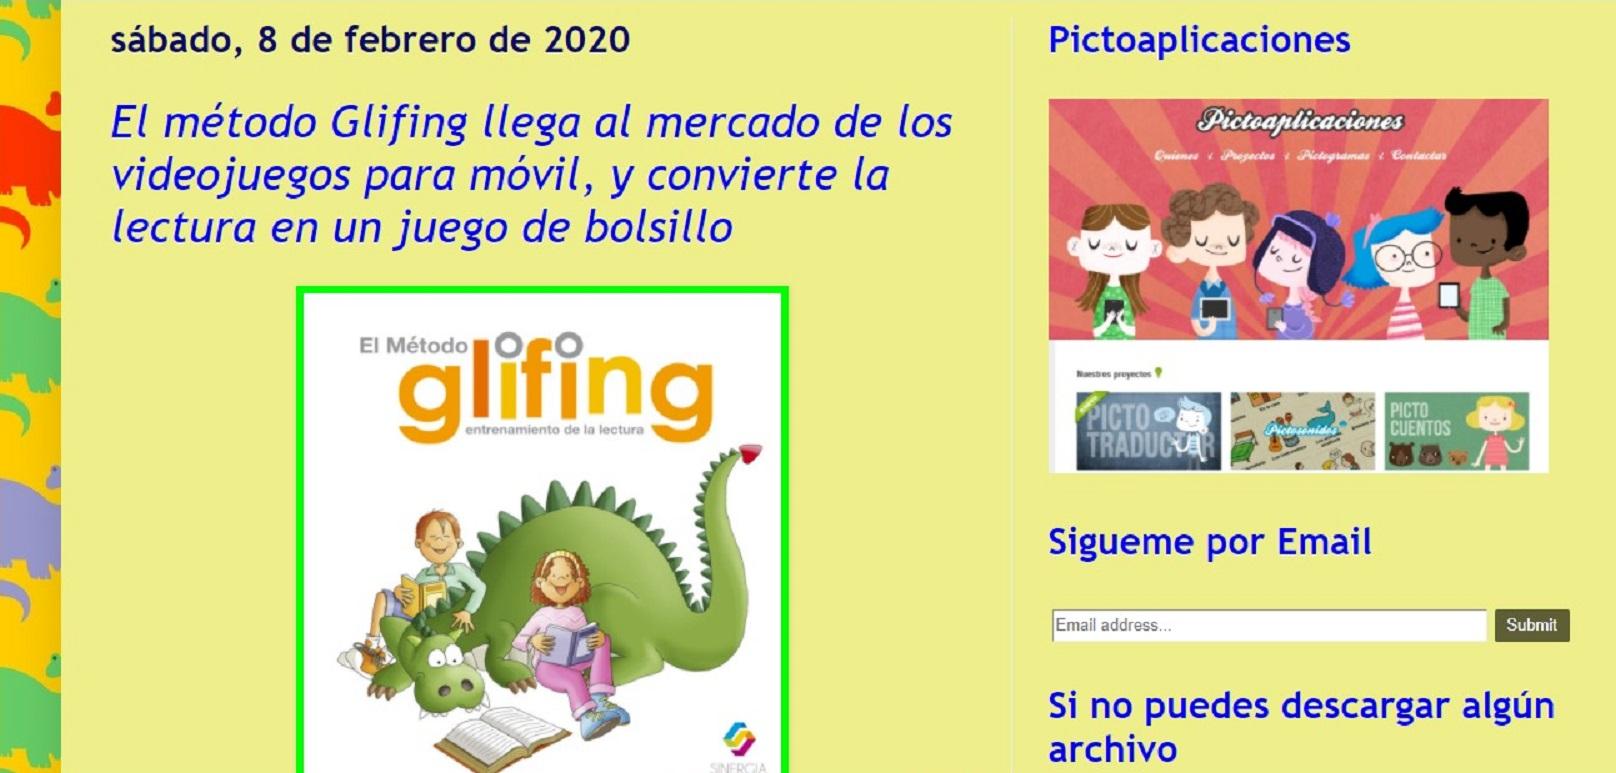 Glifing en el blog Logopedia en Especial- 08/02/2020 gabinete de prensa